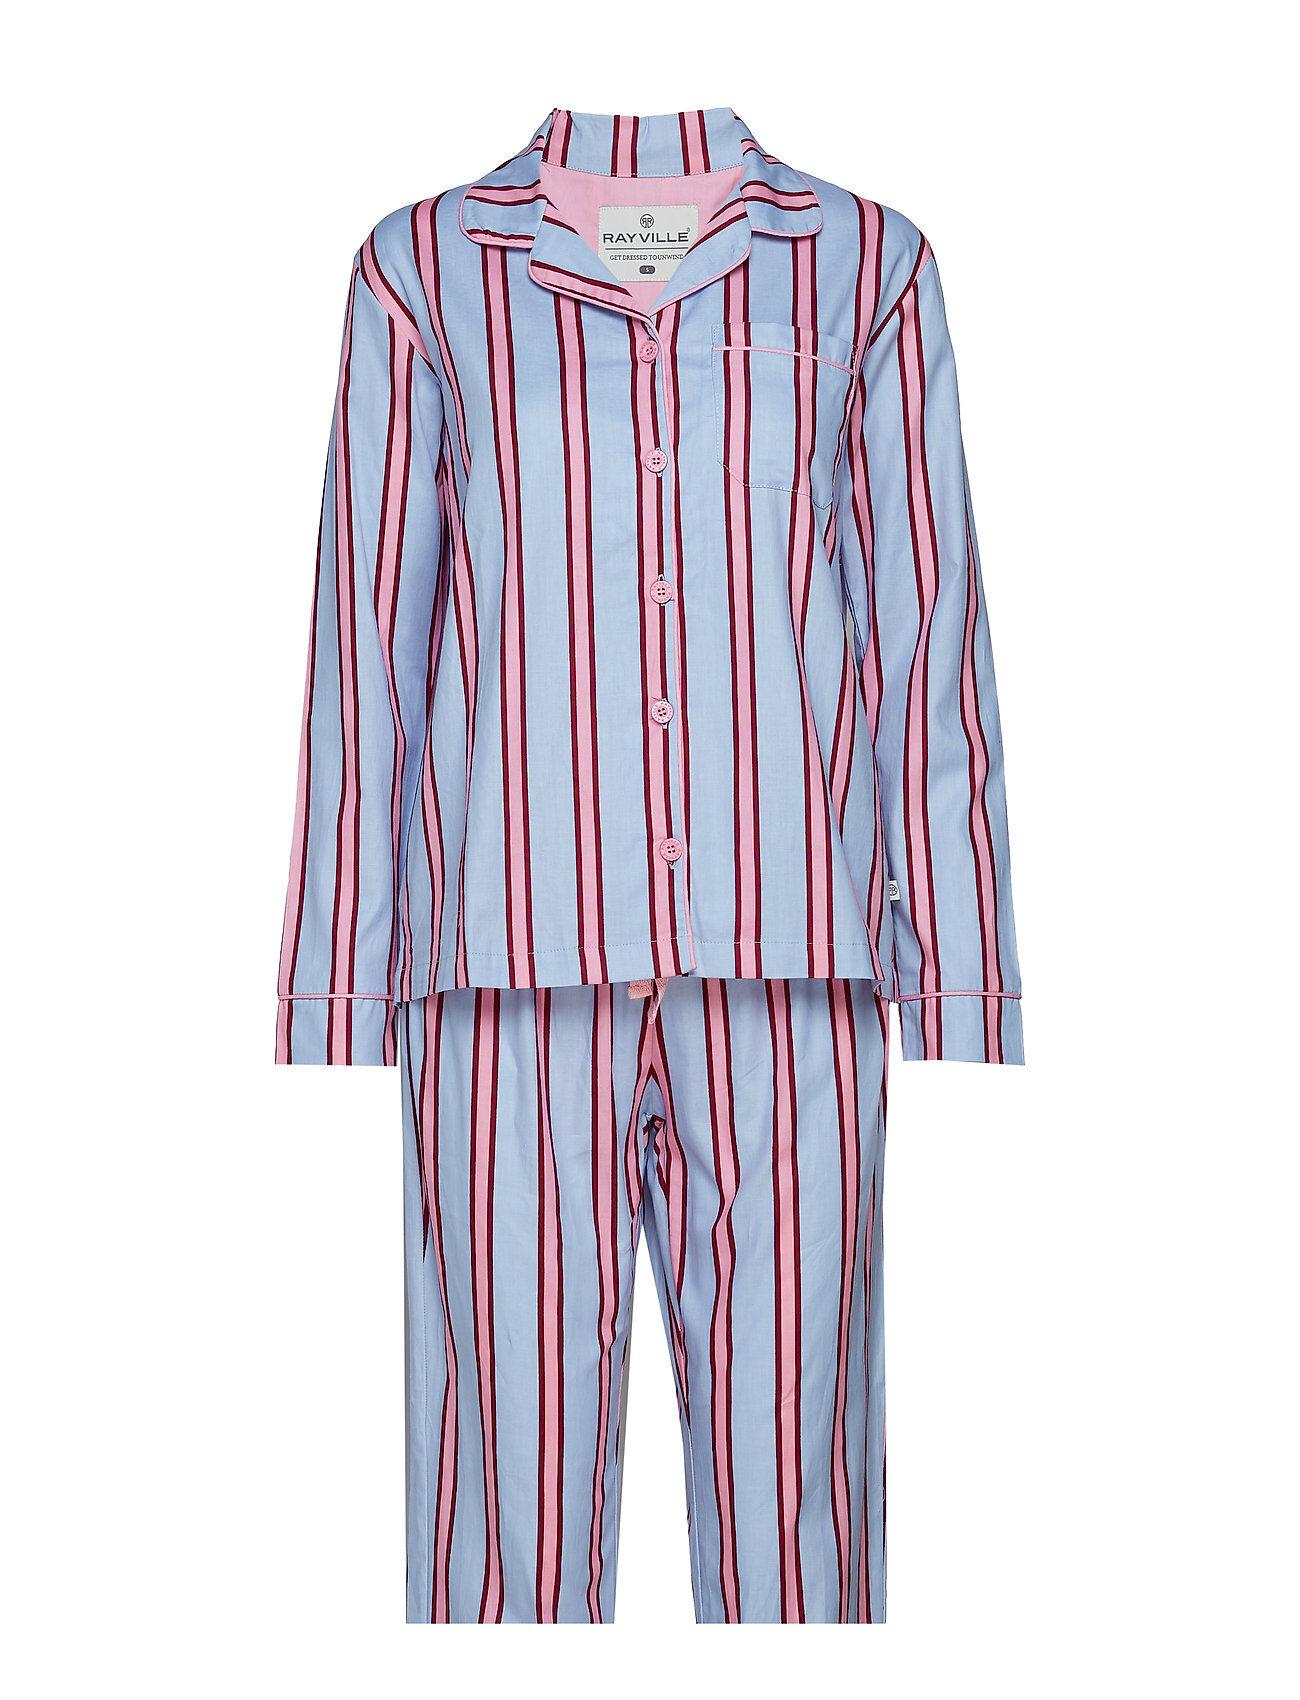 Rayville Debbie Pyjamas Shadow Stripe